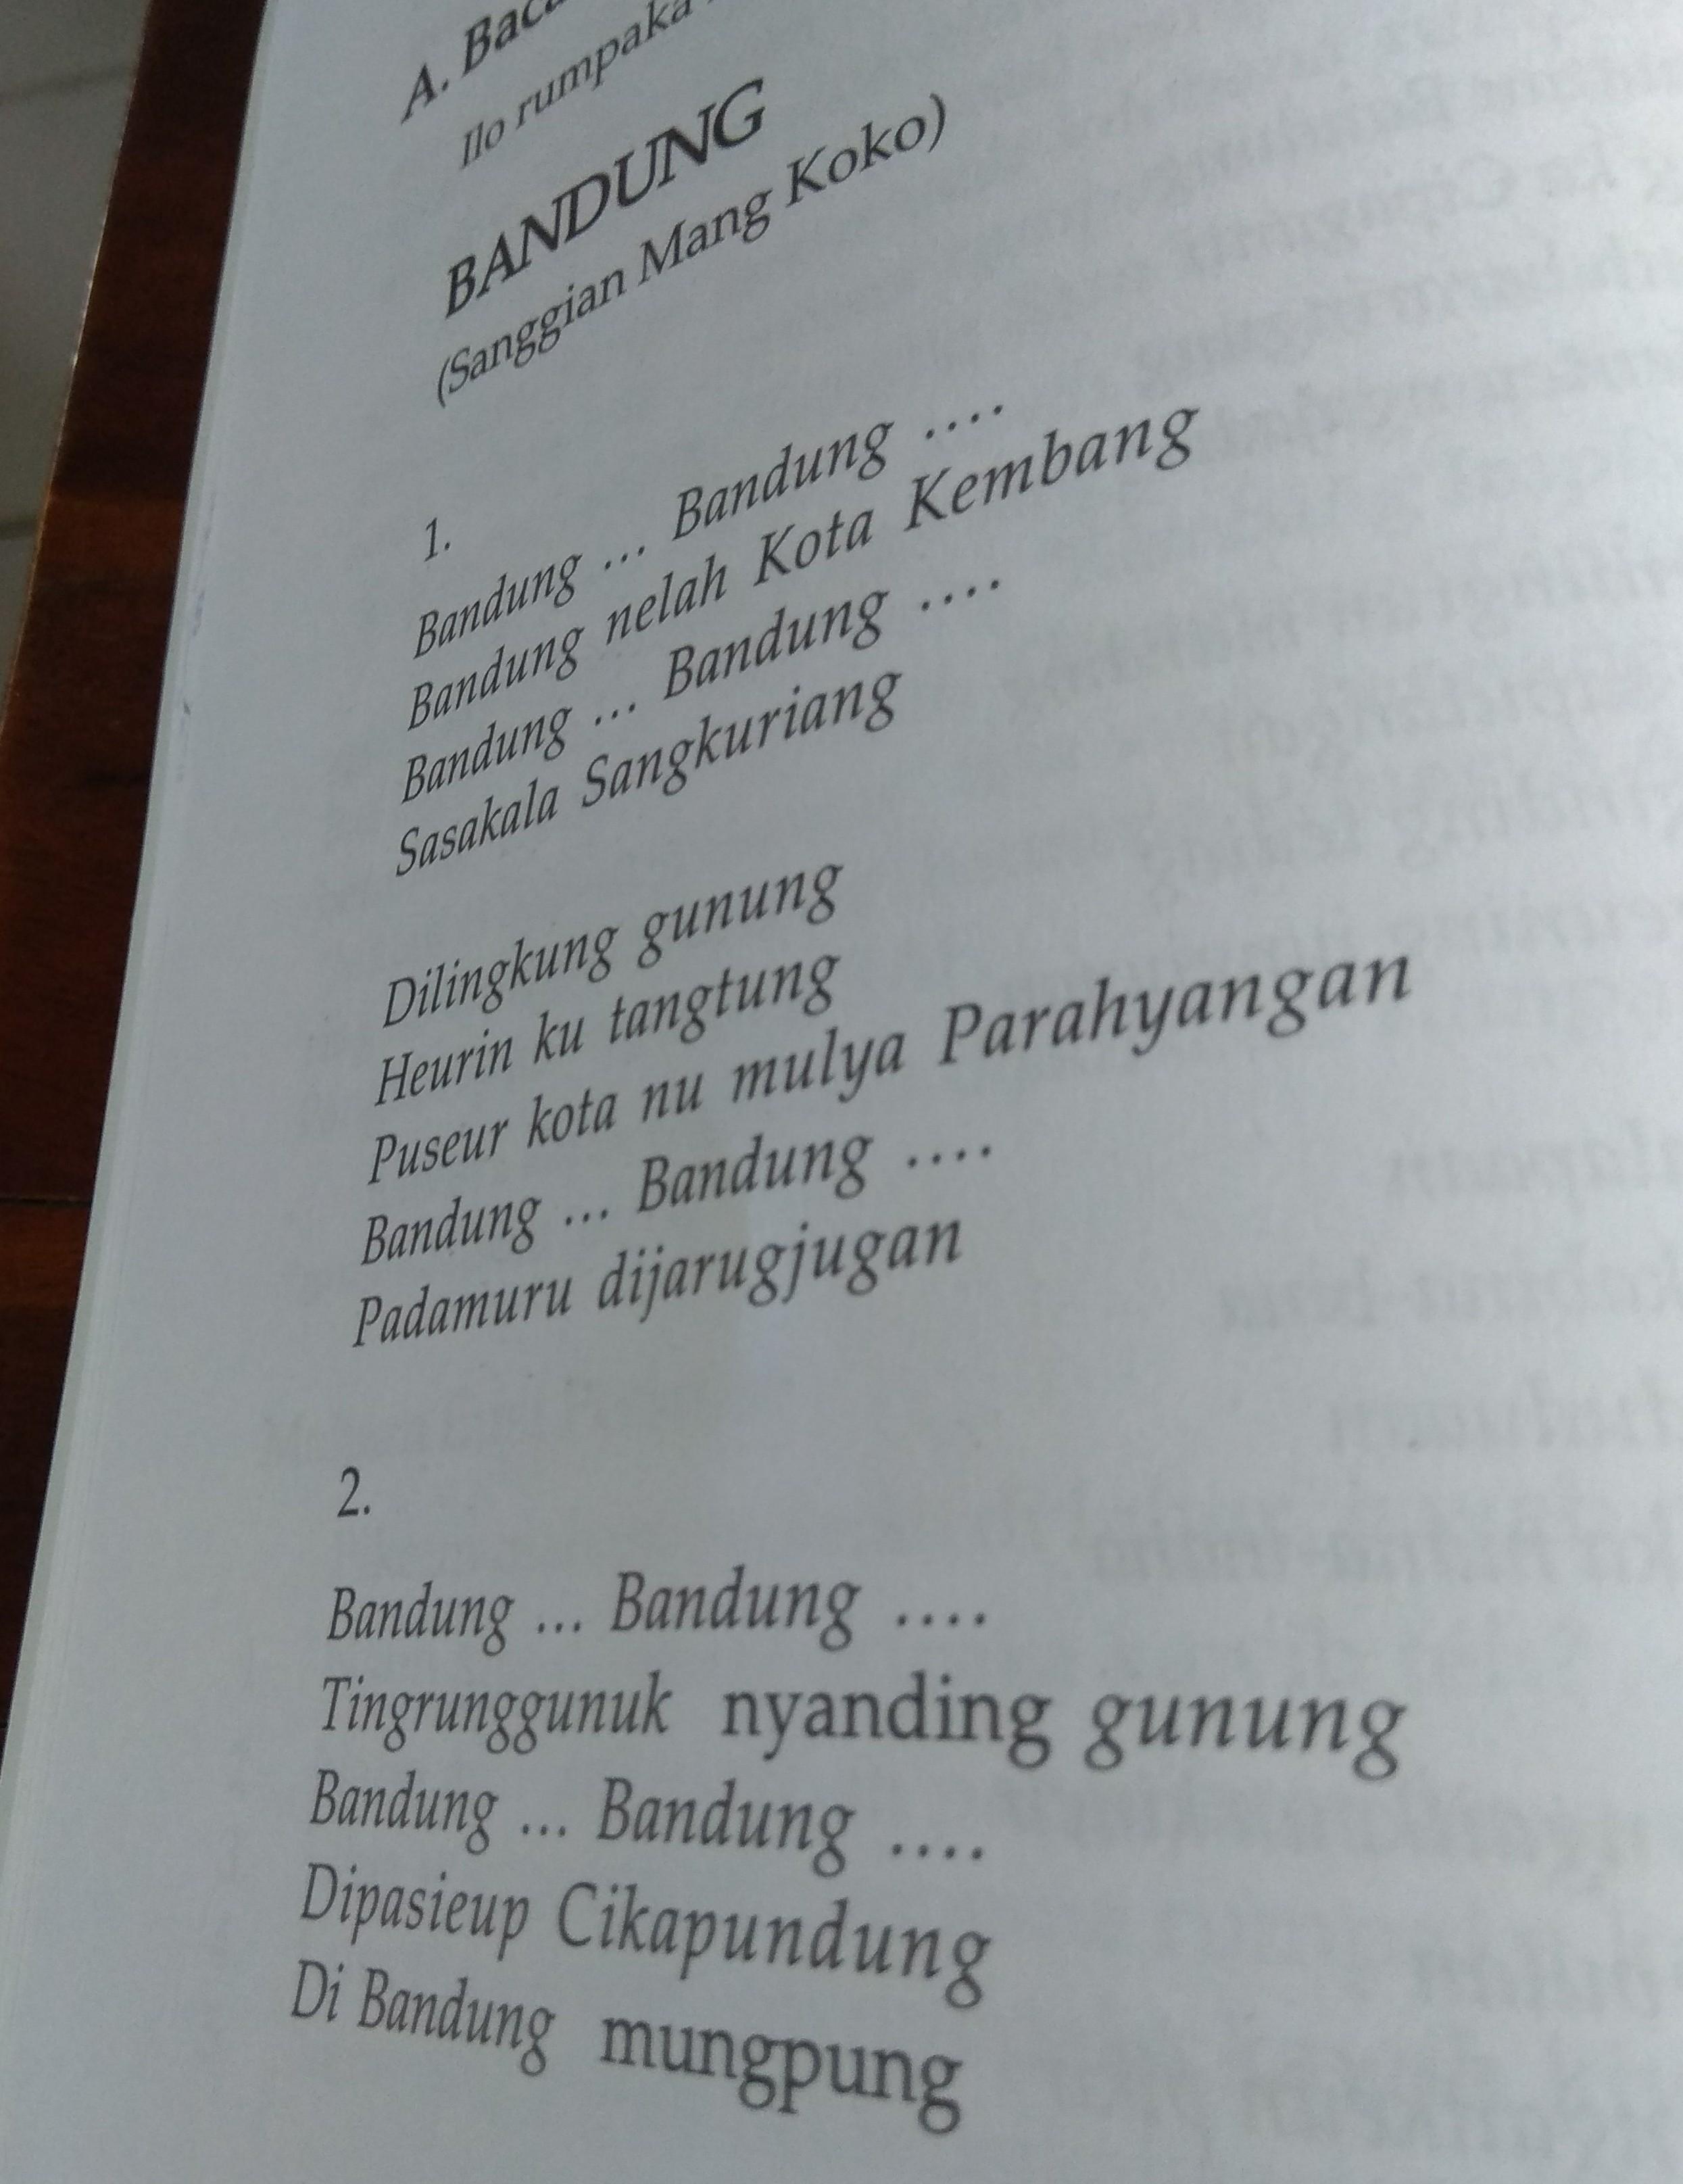 Rumpaka Raket Patalina Jeung : rumpaka, raket, patalina, jeung, Patalina, Jeung, Sasakala, Bandung, Teh?tolong, Bantu, Jawab, Brainly.co.id